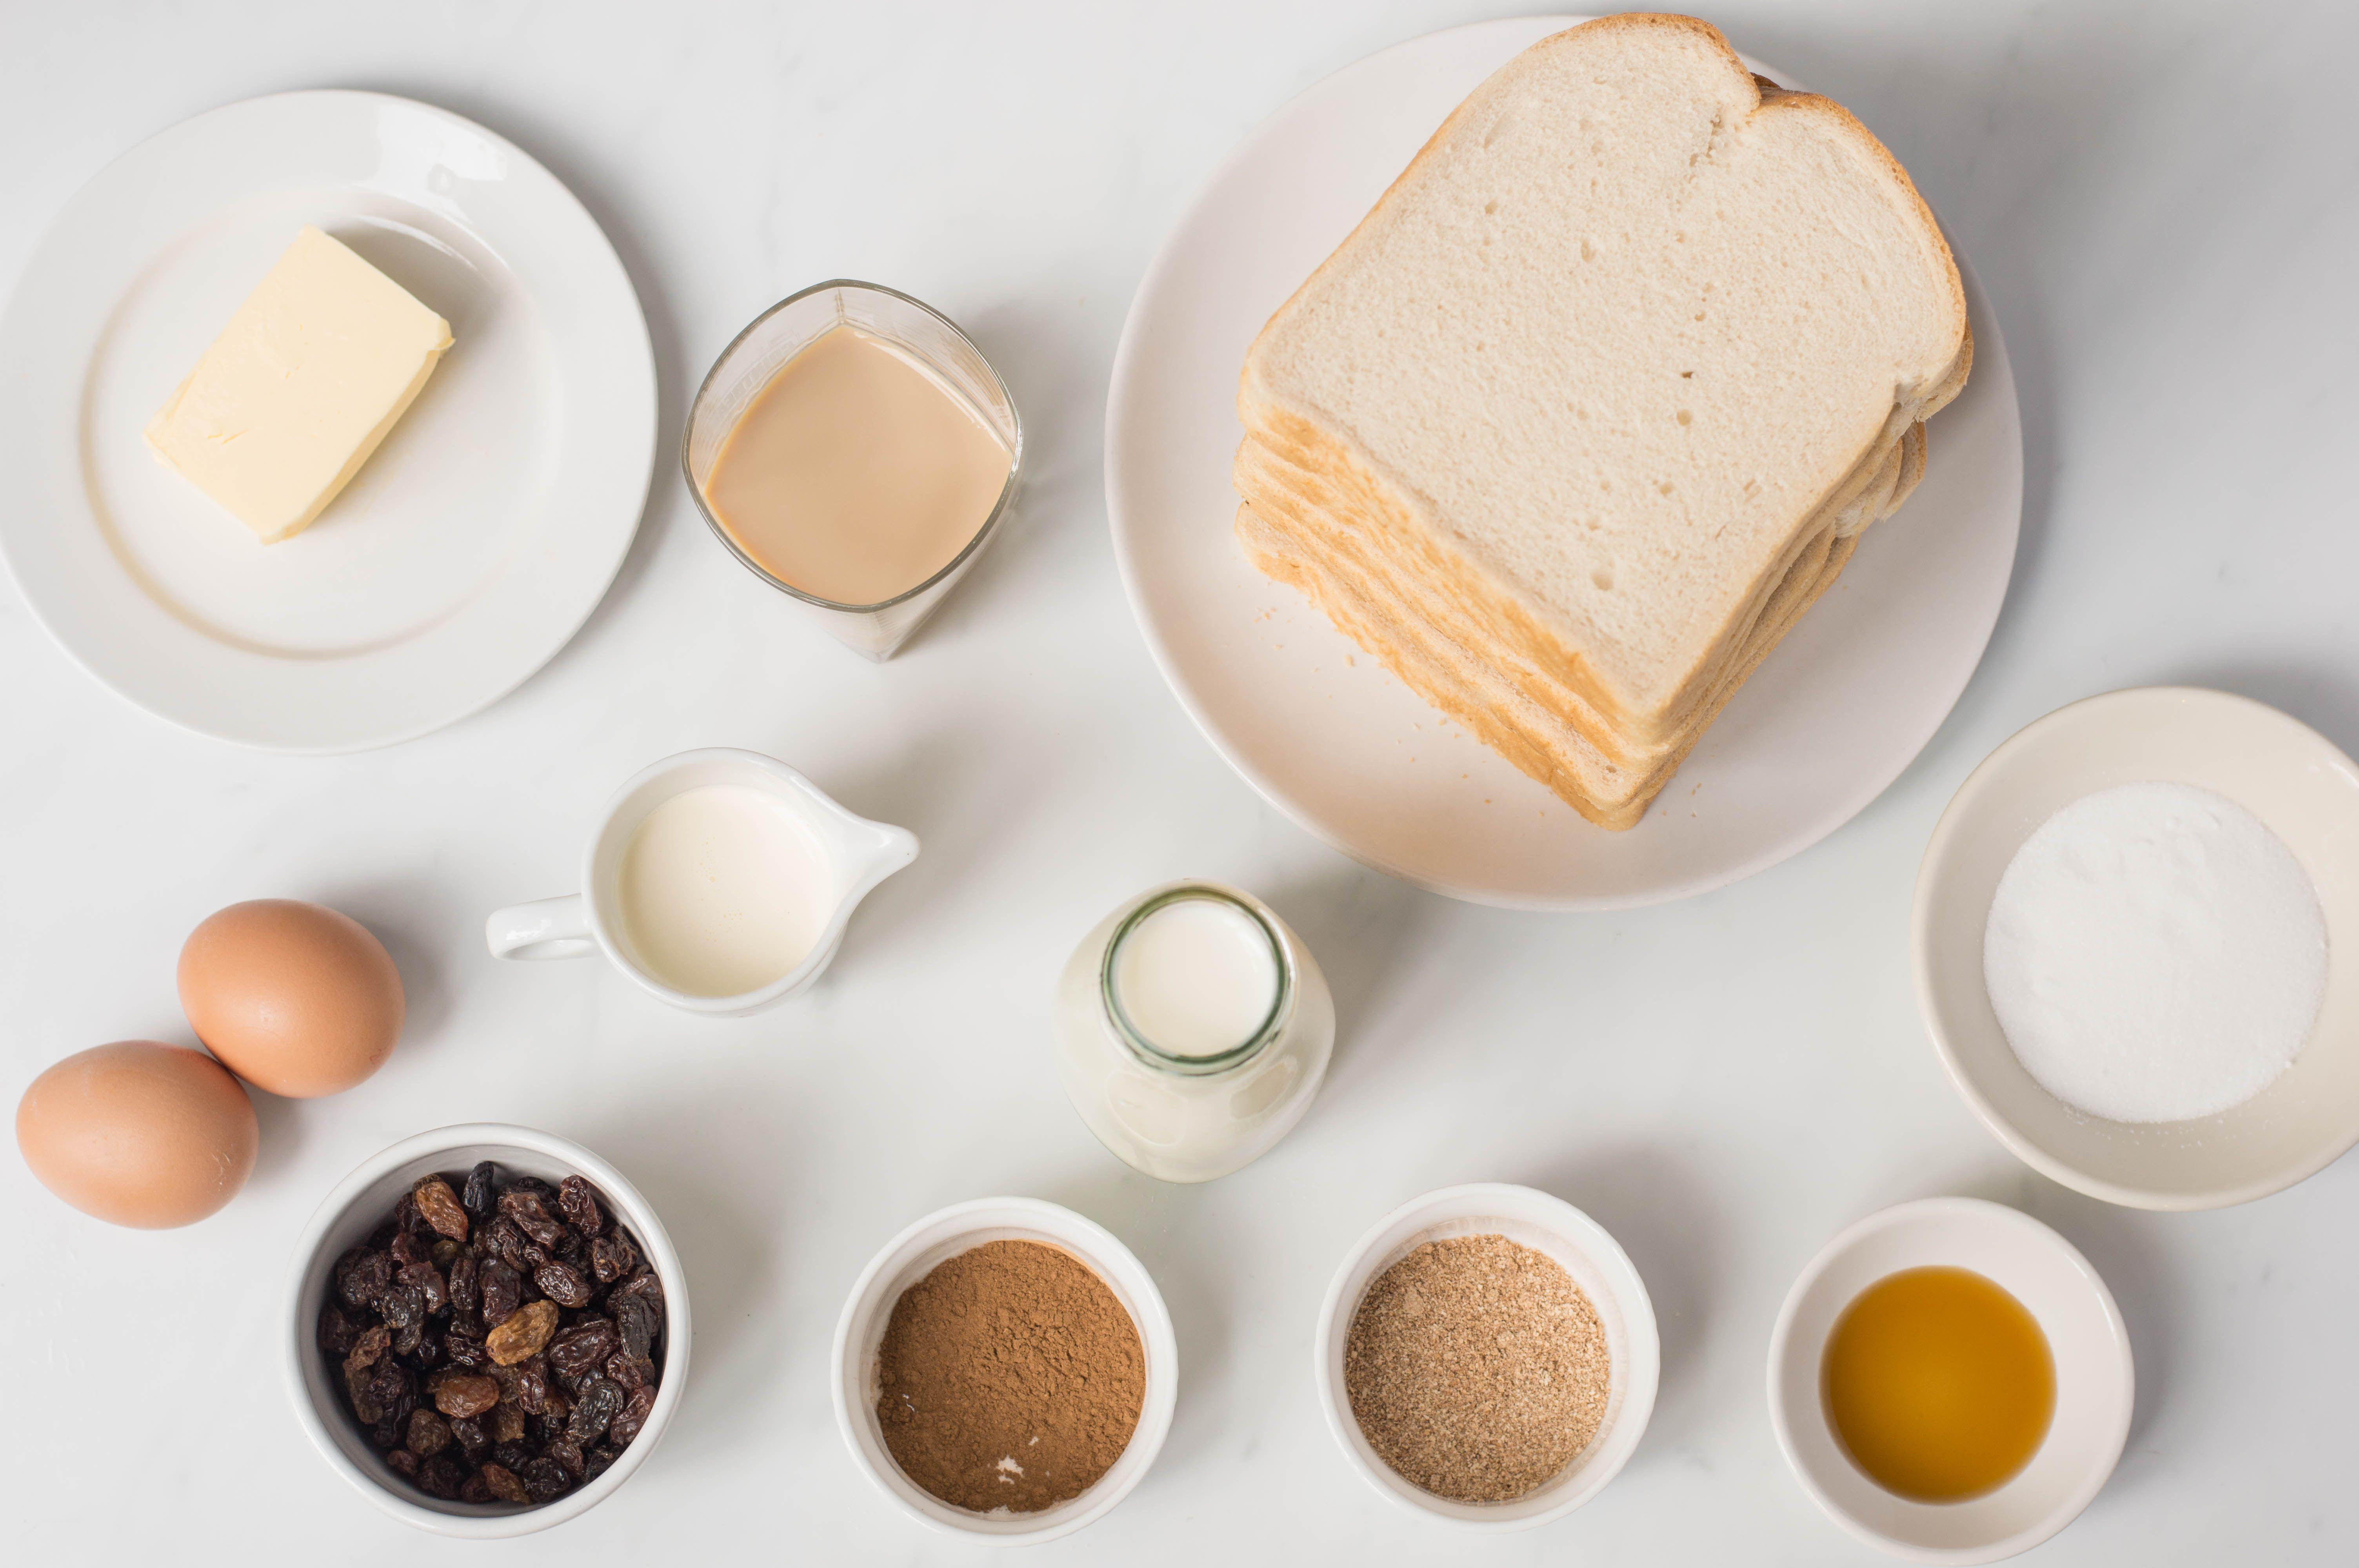 Irish Butter Pudding Recipe ingredients